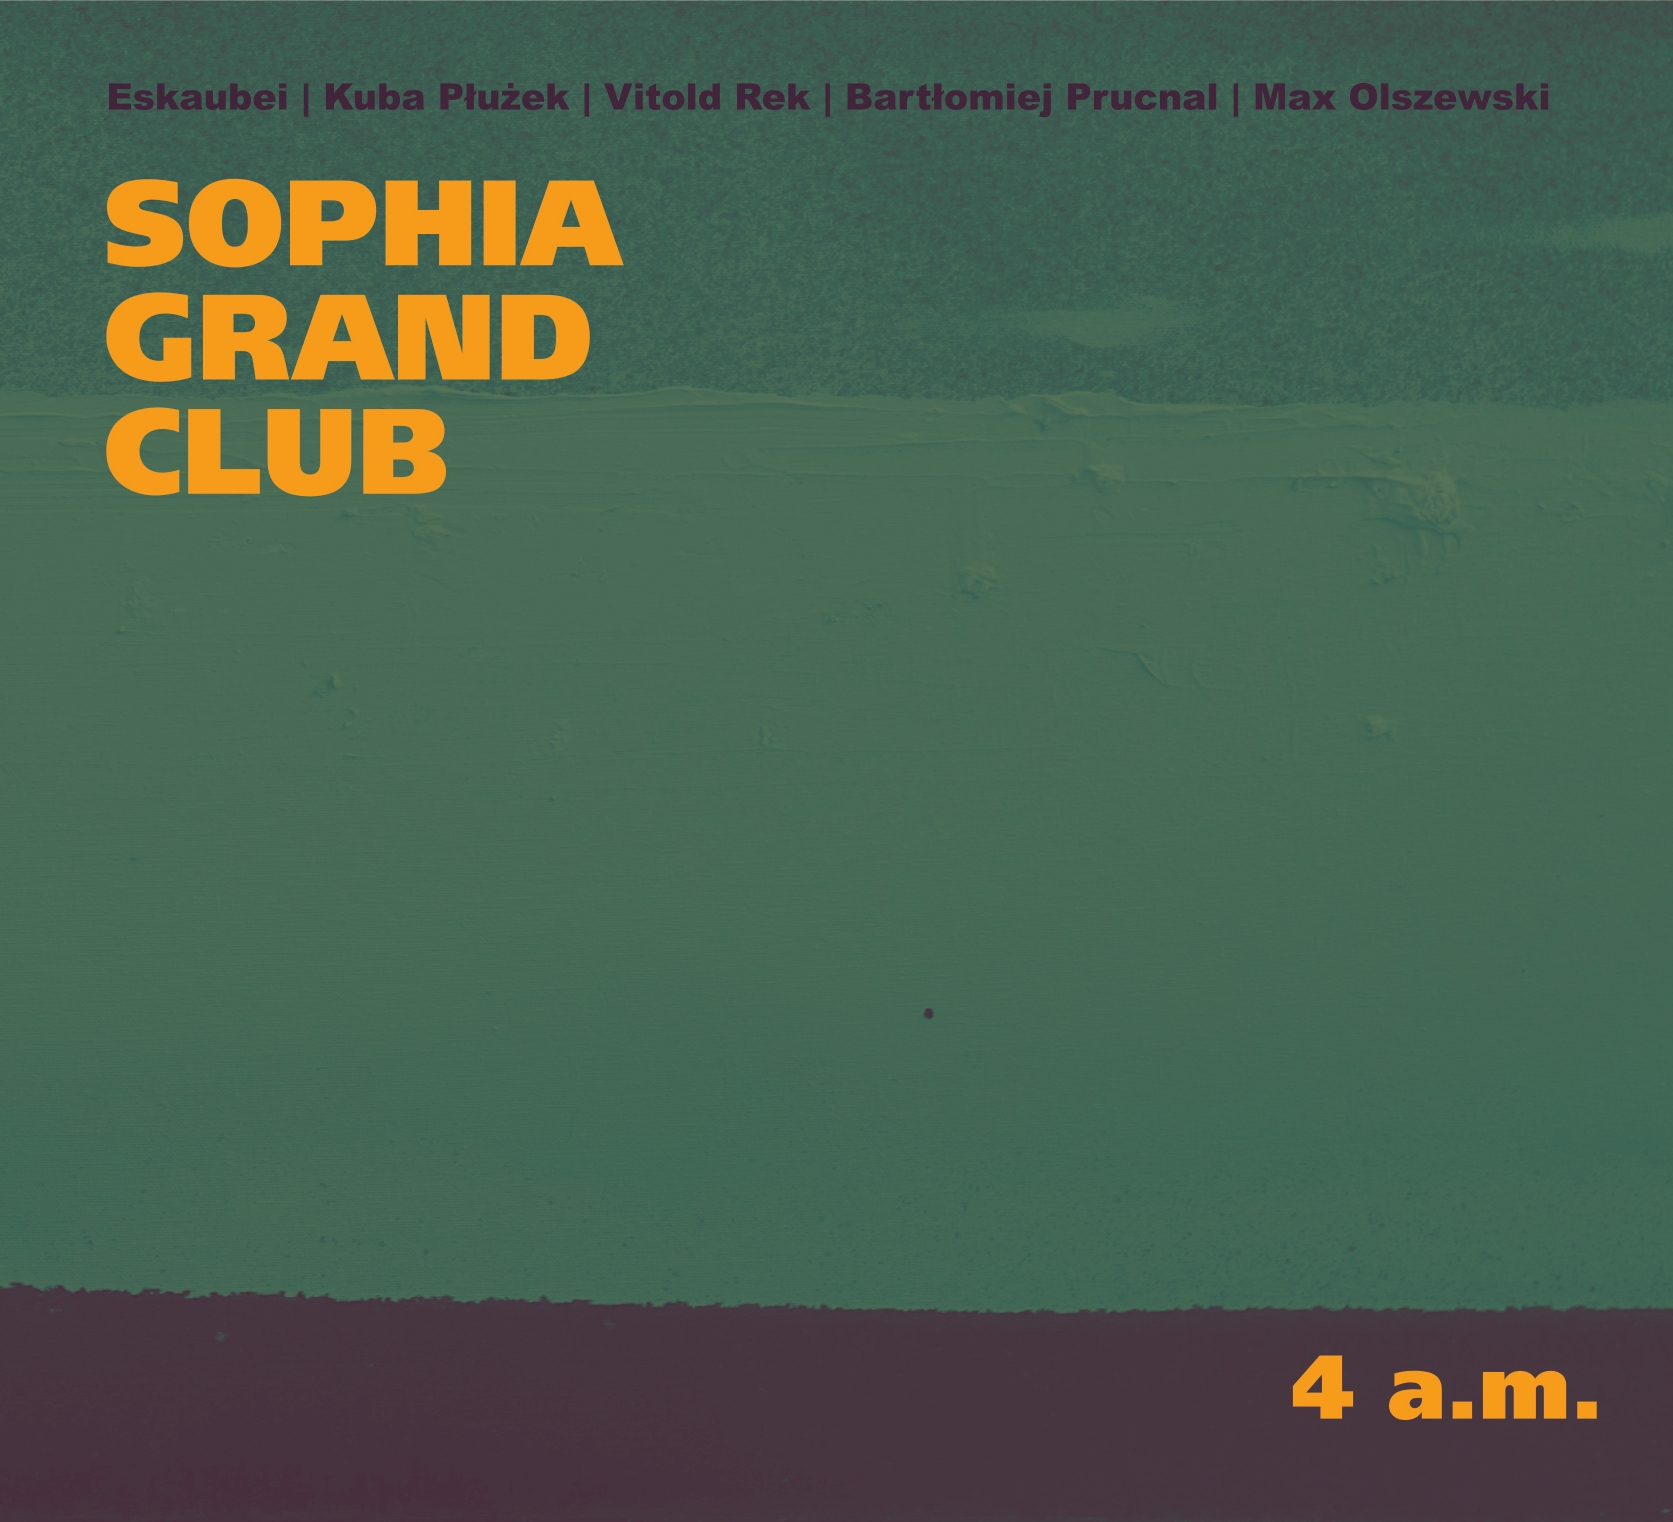 """Sophia Grand Club, """"4 a.m."""" – okładka albumu (źródło: materiały prasowe)"""